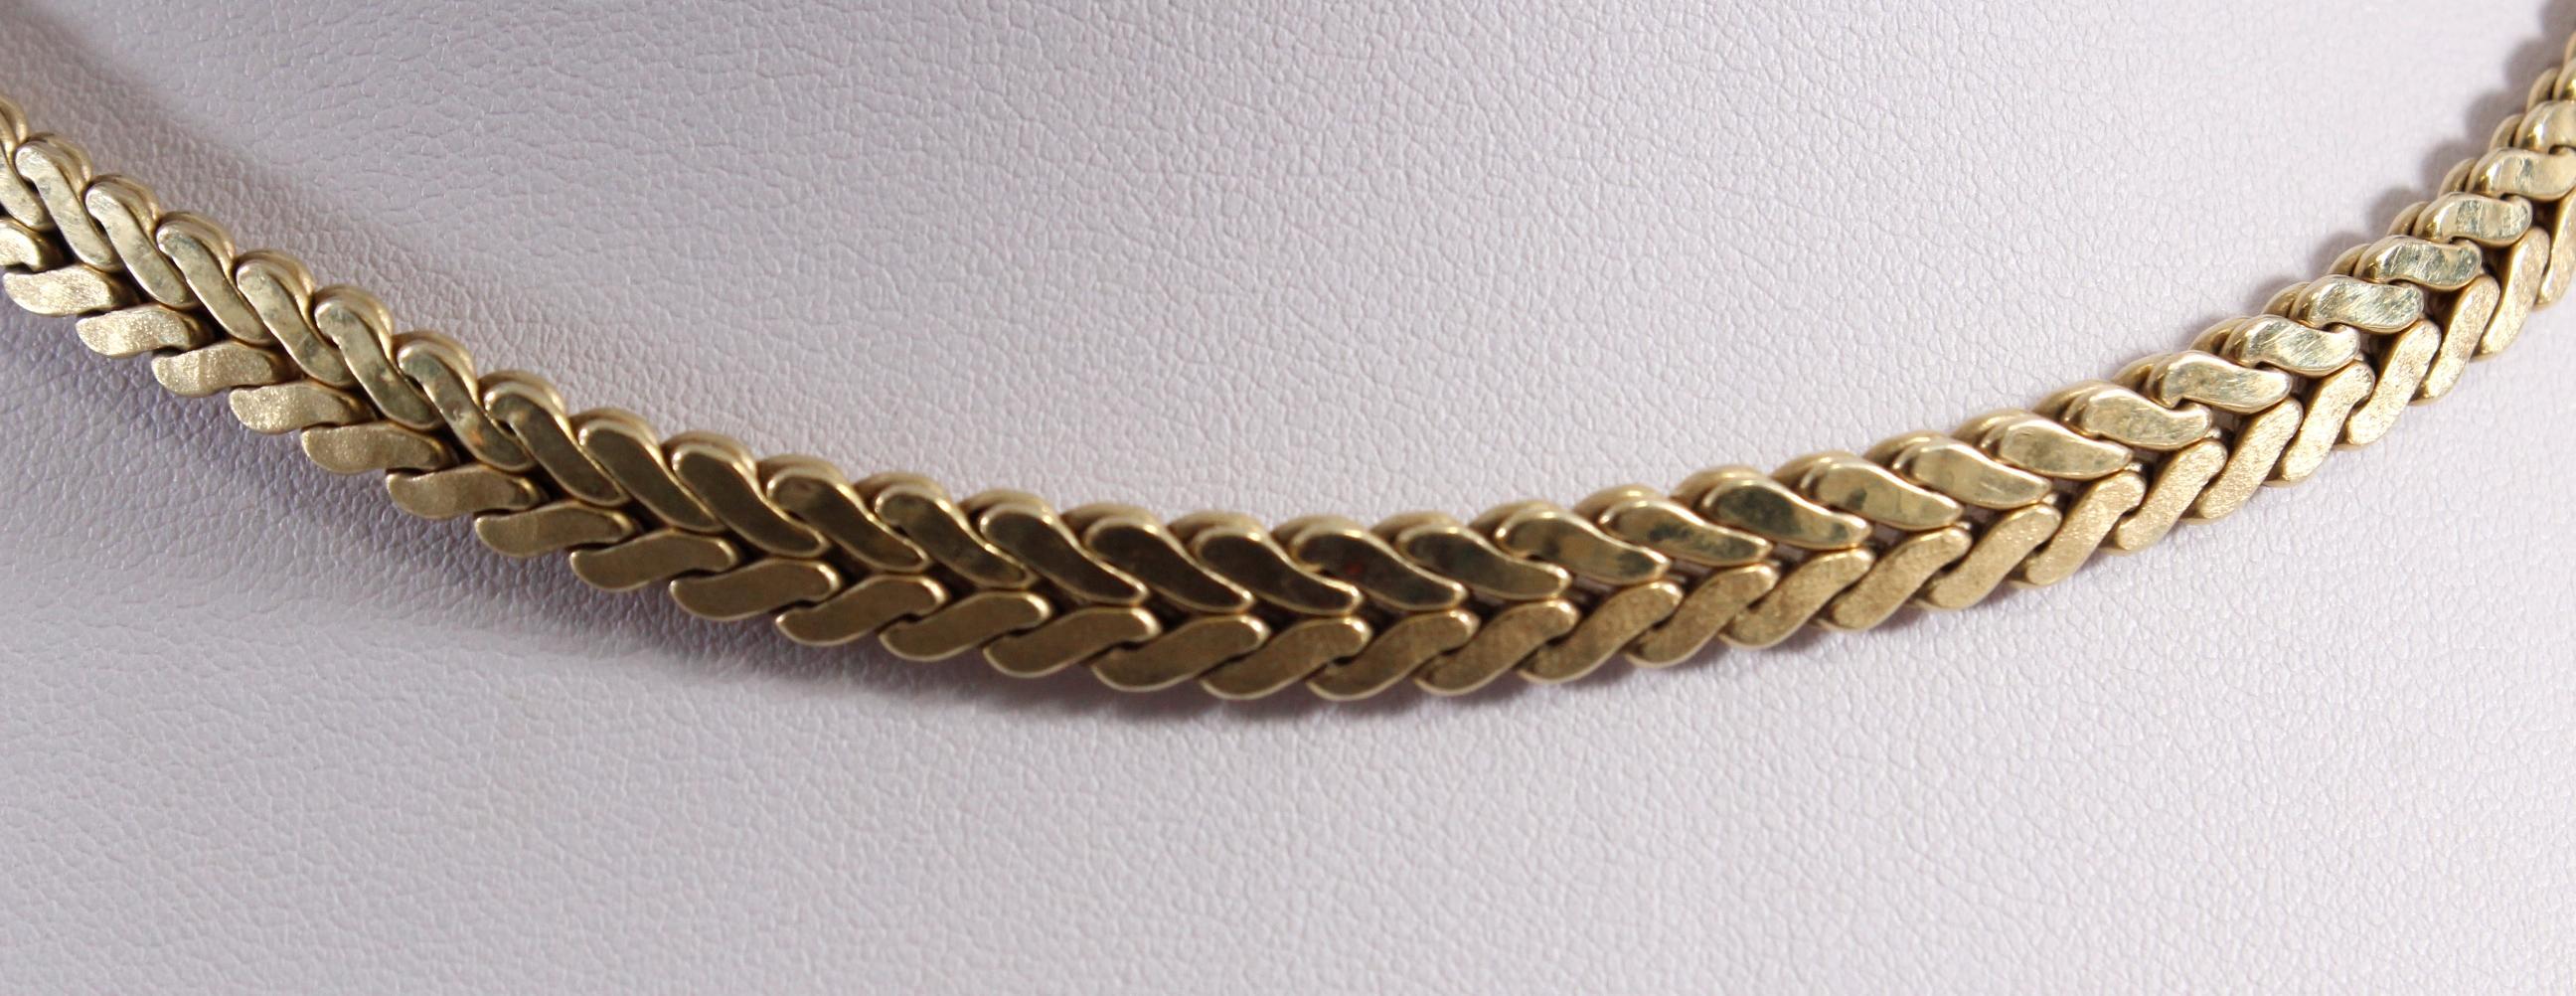 Halskette aus 14 Karat Gelbgold-2